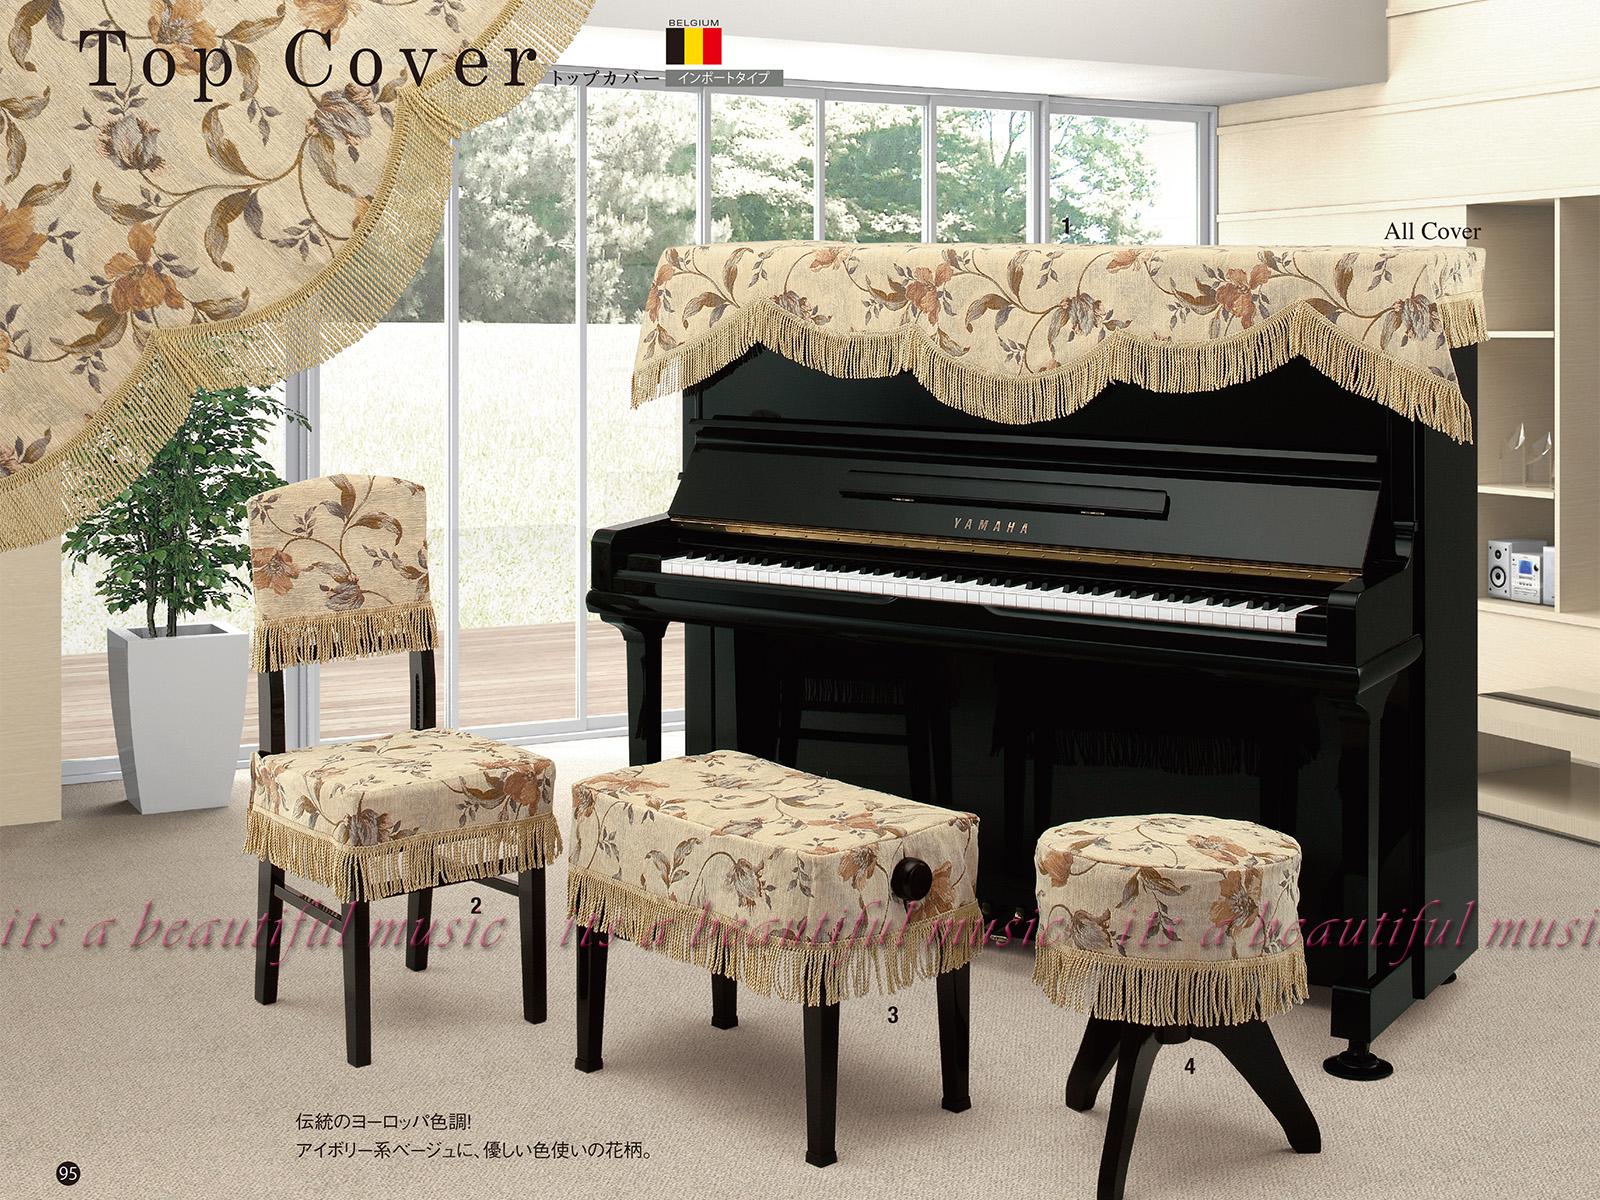 【its】アップライトピアノカバー(トップカバー)アルプスTG-150「ベルギー製素材を使った花柄」【フリーサイズ】(アルプスG150シリーズ)